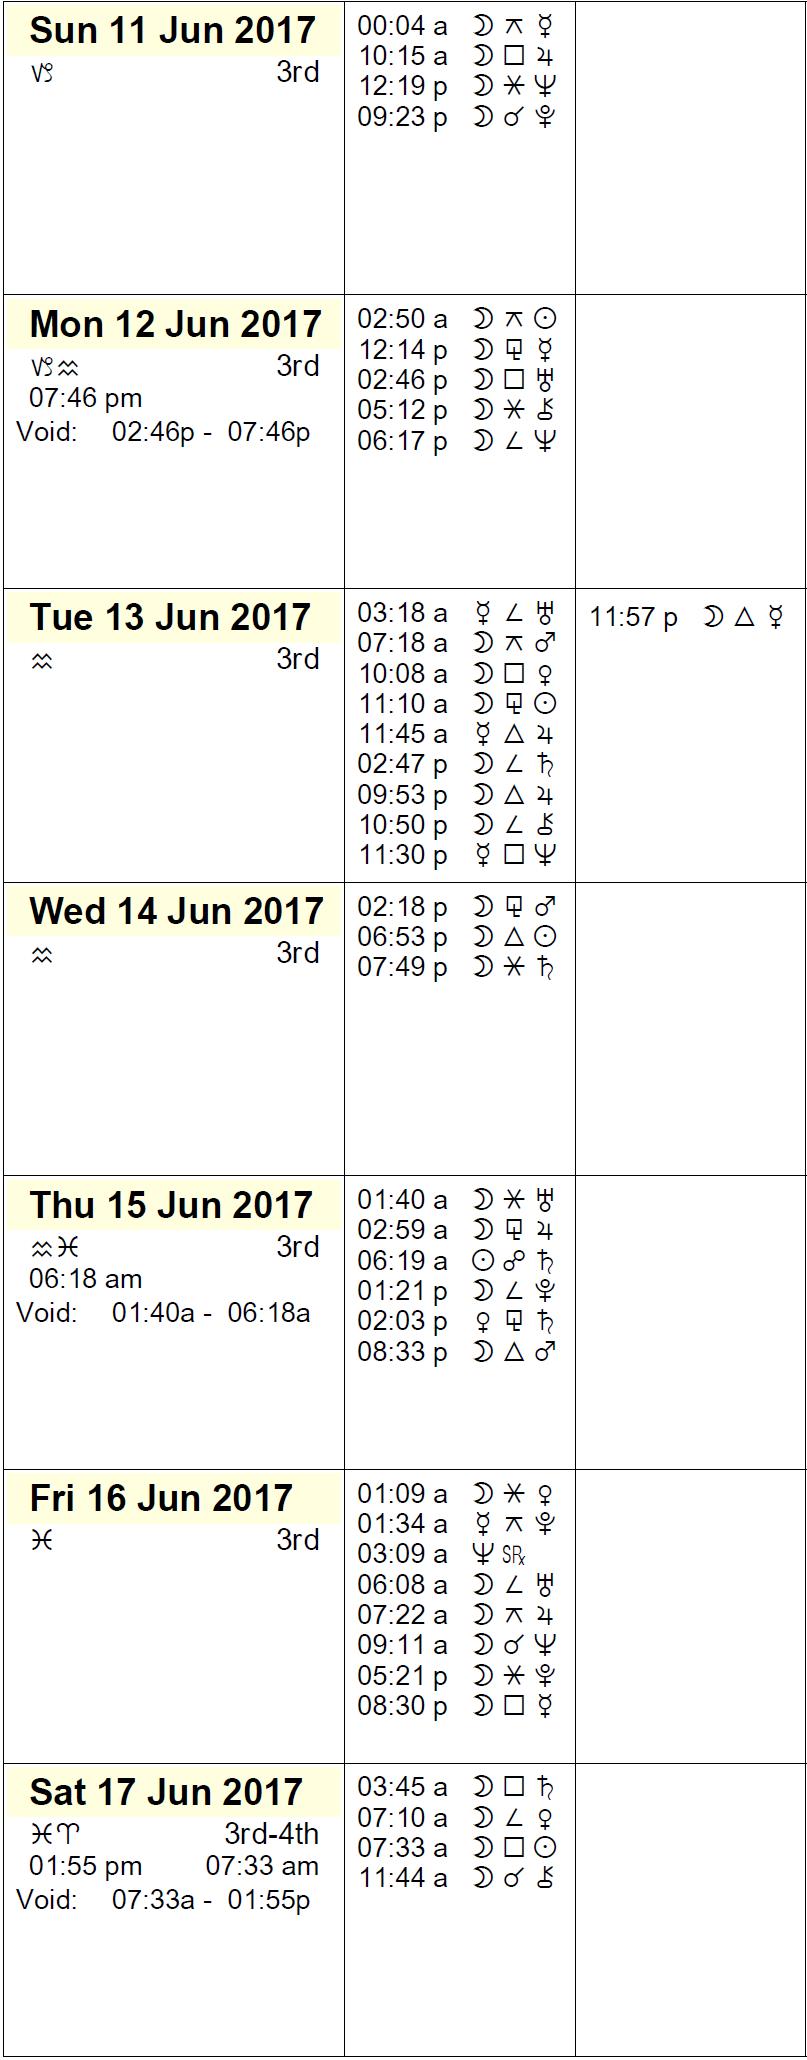 This Week in Astrology Calendar - June 11-17, 2017